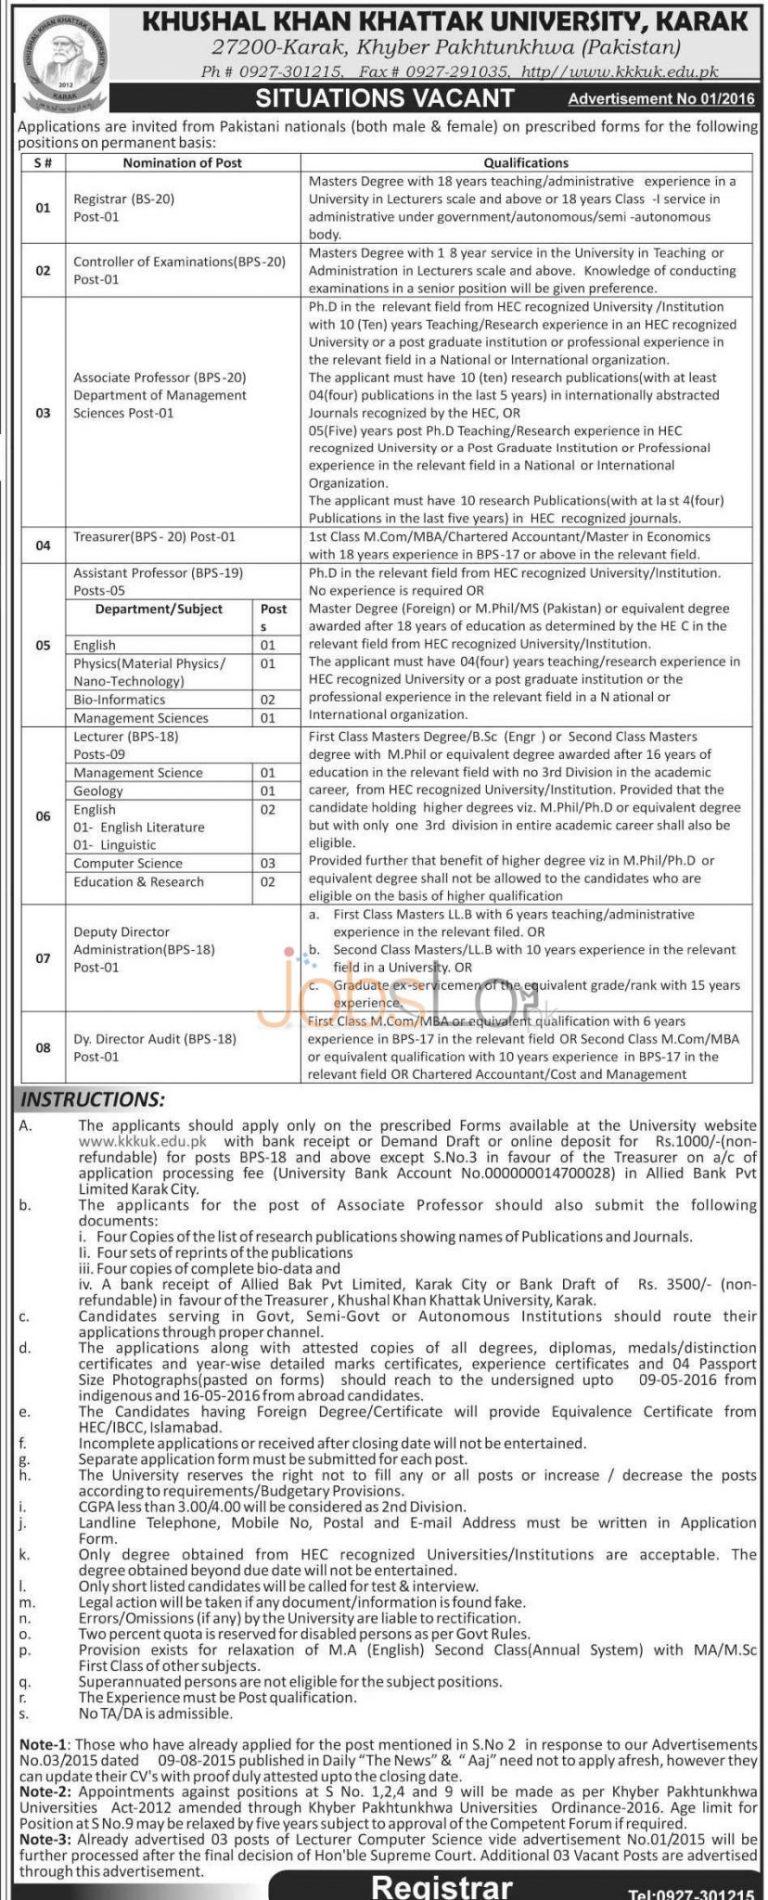 Khushal Khan Khattak University Karak Jobs April 2016 Application Form & Online Deposit Slip